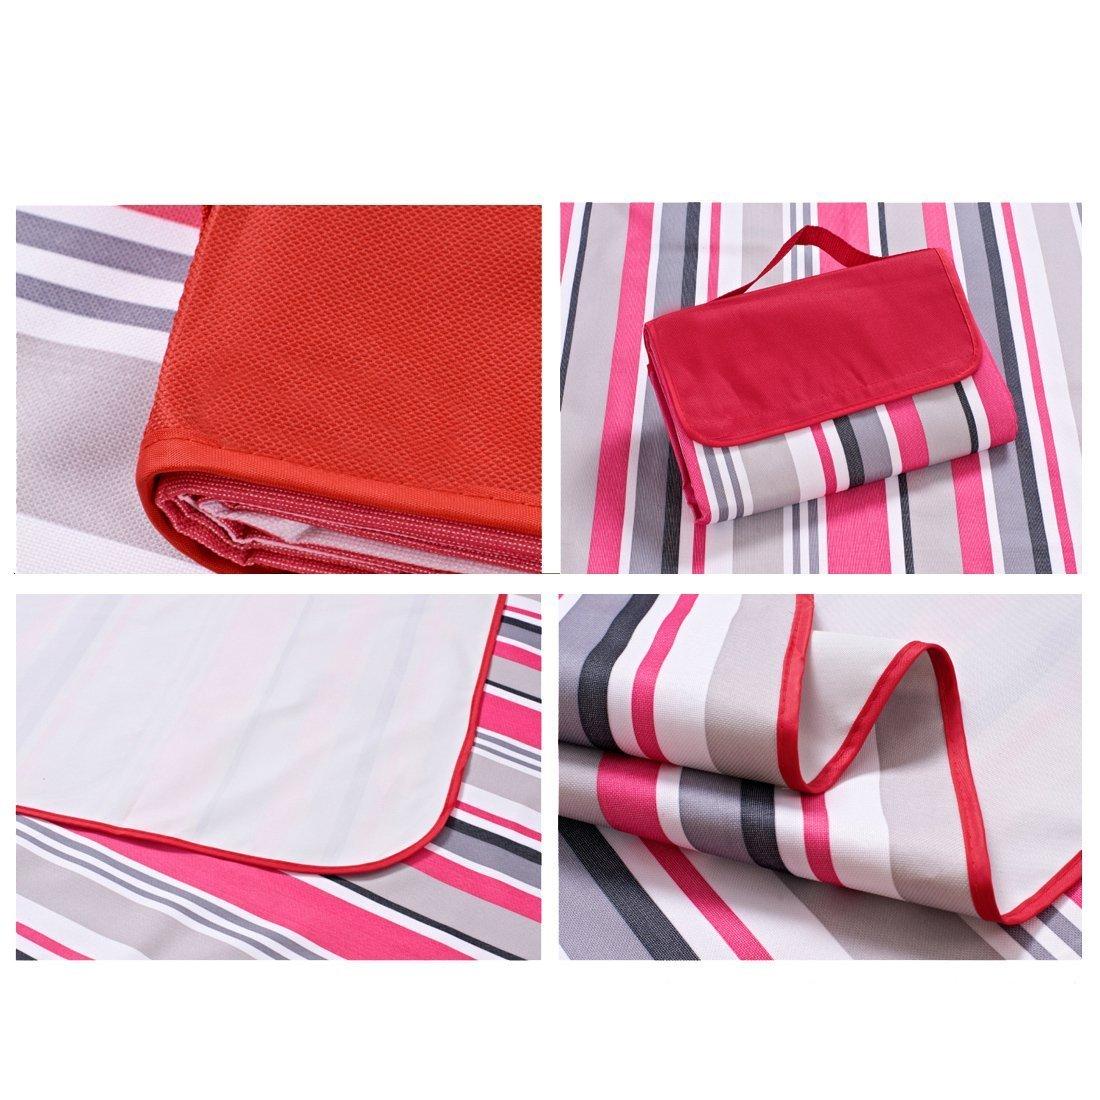 Gran fiesta Picnic alfombrilla de cenar impermeable manta impermeable cenar para jardín al aire libre actividad (rojo) (Reino Unido envíos)) 59d1ee